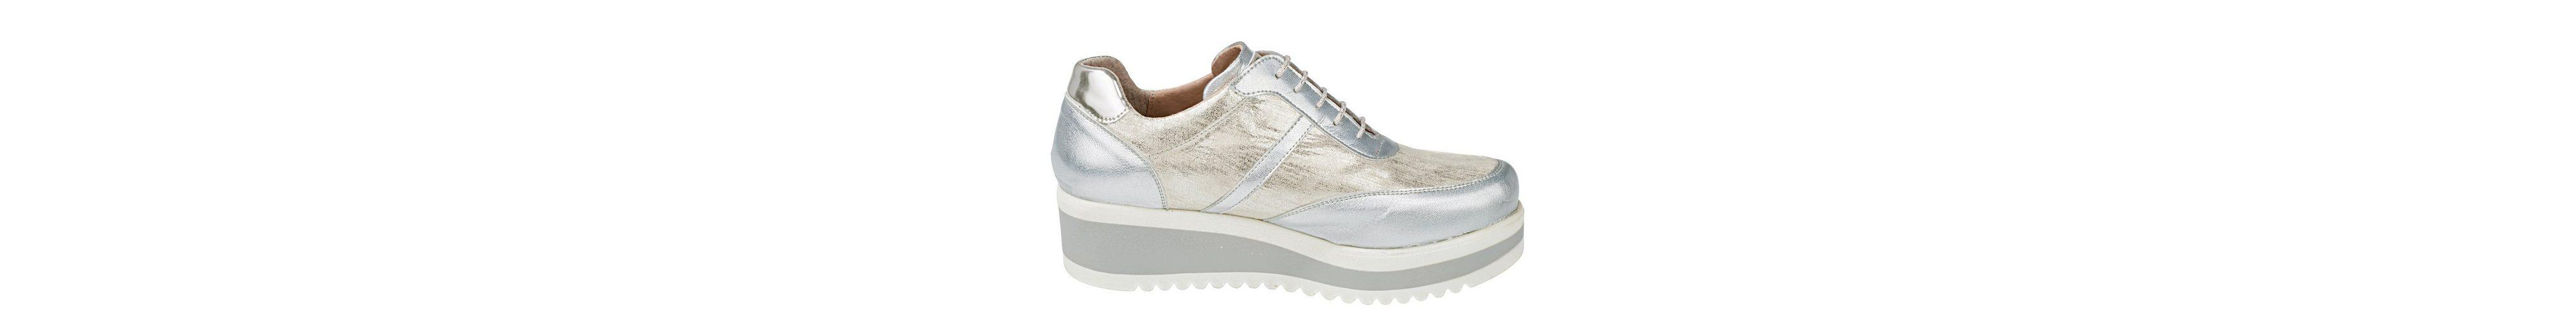 Billig Verkauf Veröffentlichungstermine Heine Sneaker Verkauf Echt Verkauf Countdown-Paket Billig Verkauf Erkunden Freies Verschiffen Authentische GWm3x